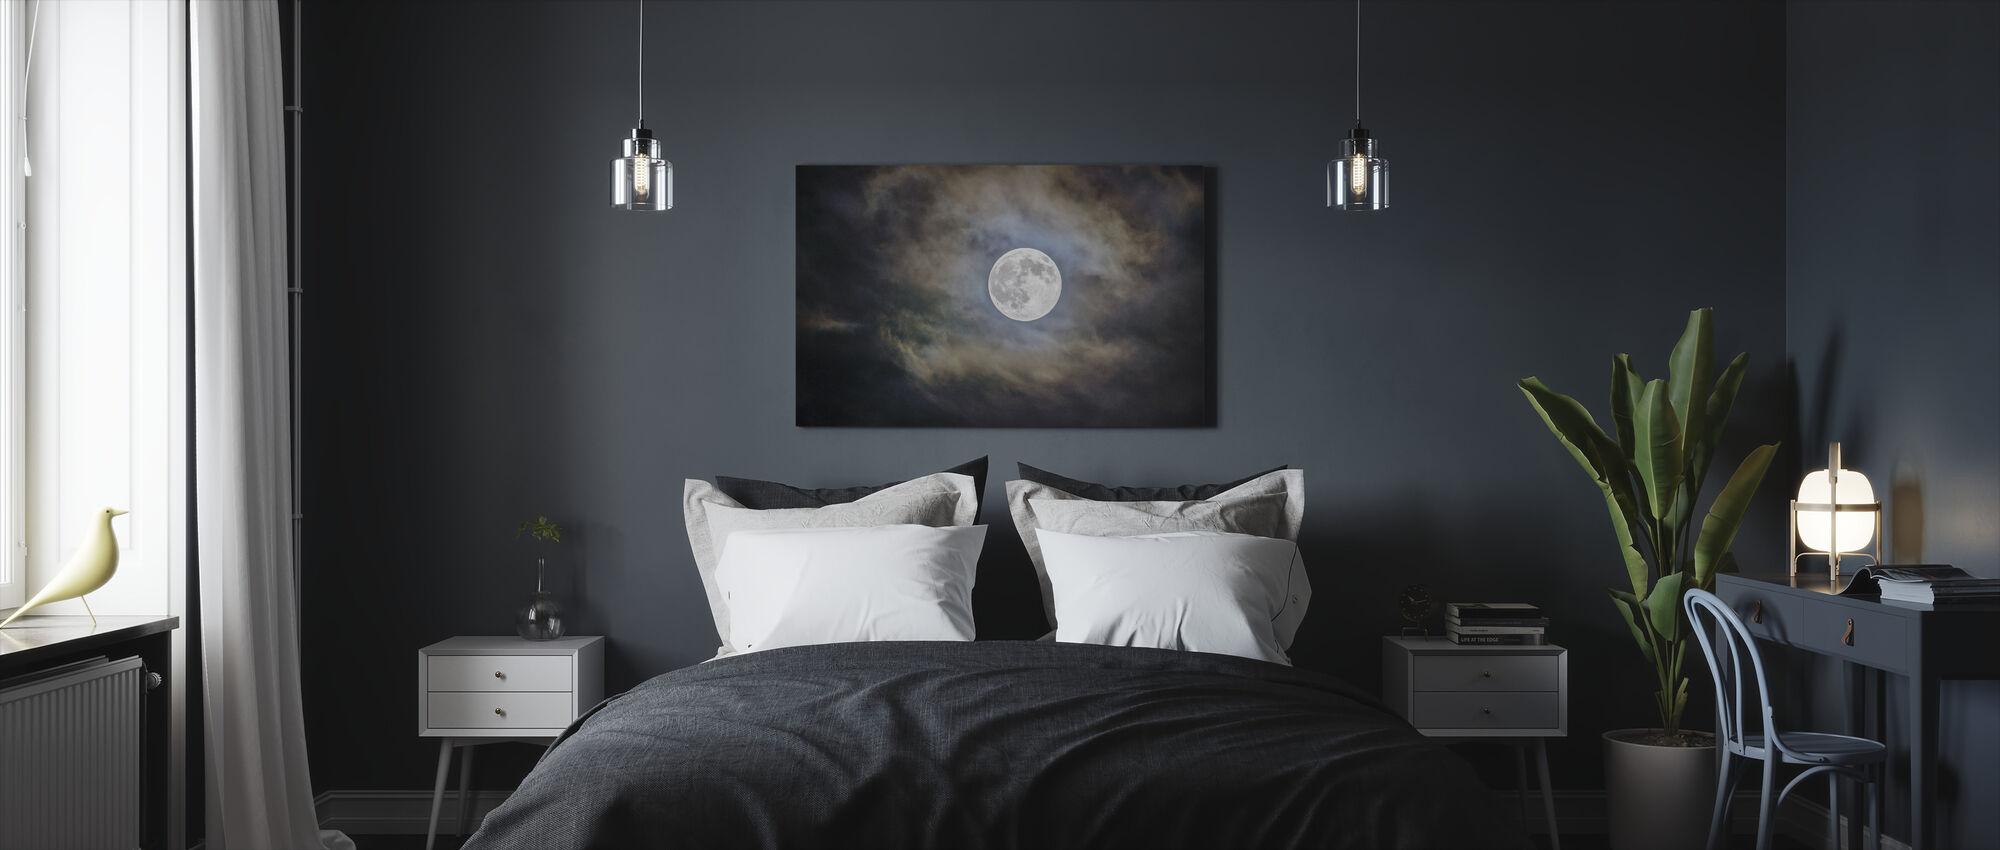 Overskyet Månen - Lerretsbilde - Soverom